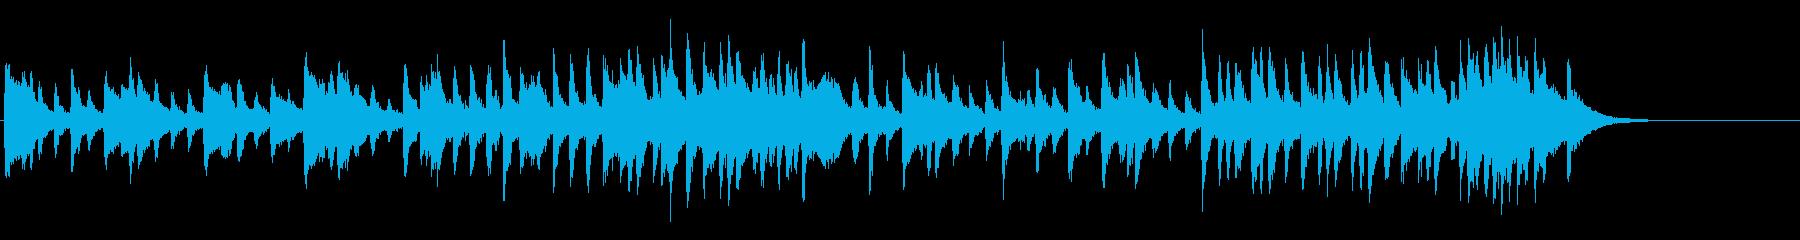 軍隊ポロネーズ(ショパン)の再生済みの波形